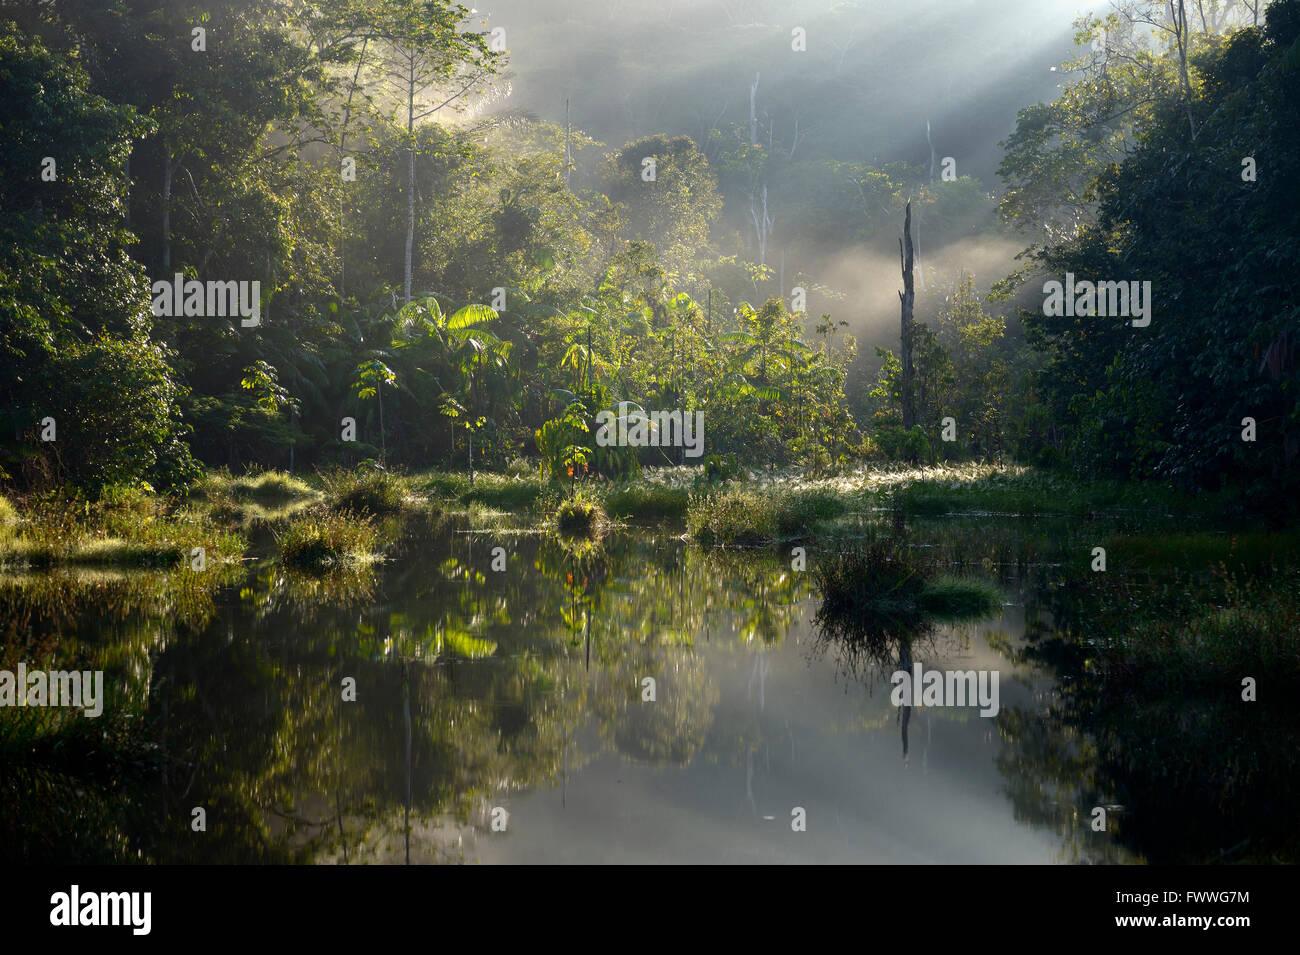 Piccolo lago nella luce del mattino, la foresta pluviale amazzonica tra Itaituba e Pimental, Pará, Brasile Immagini Stock